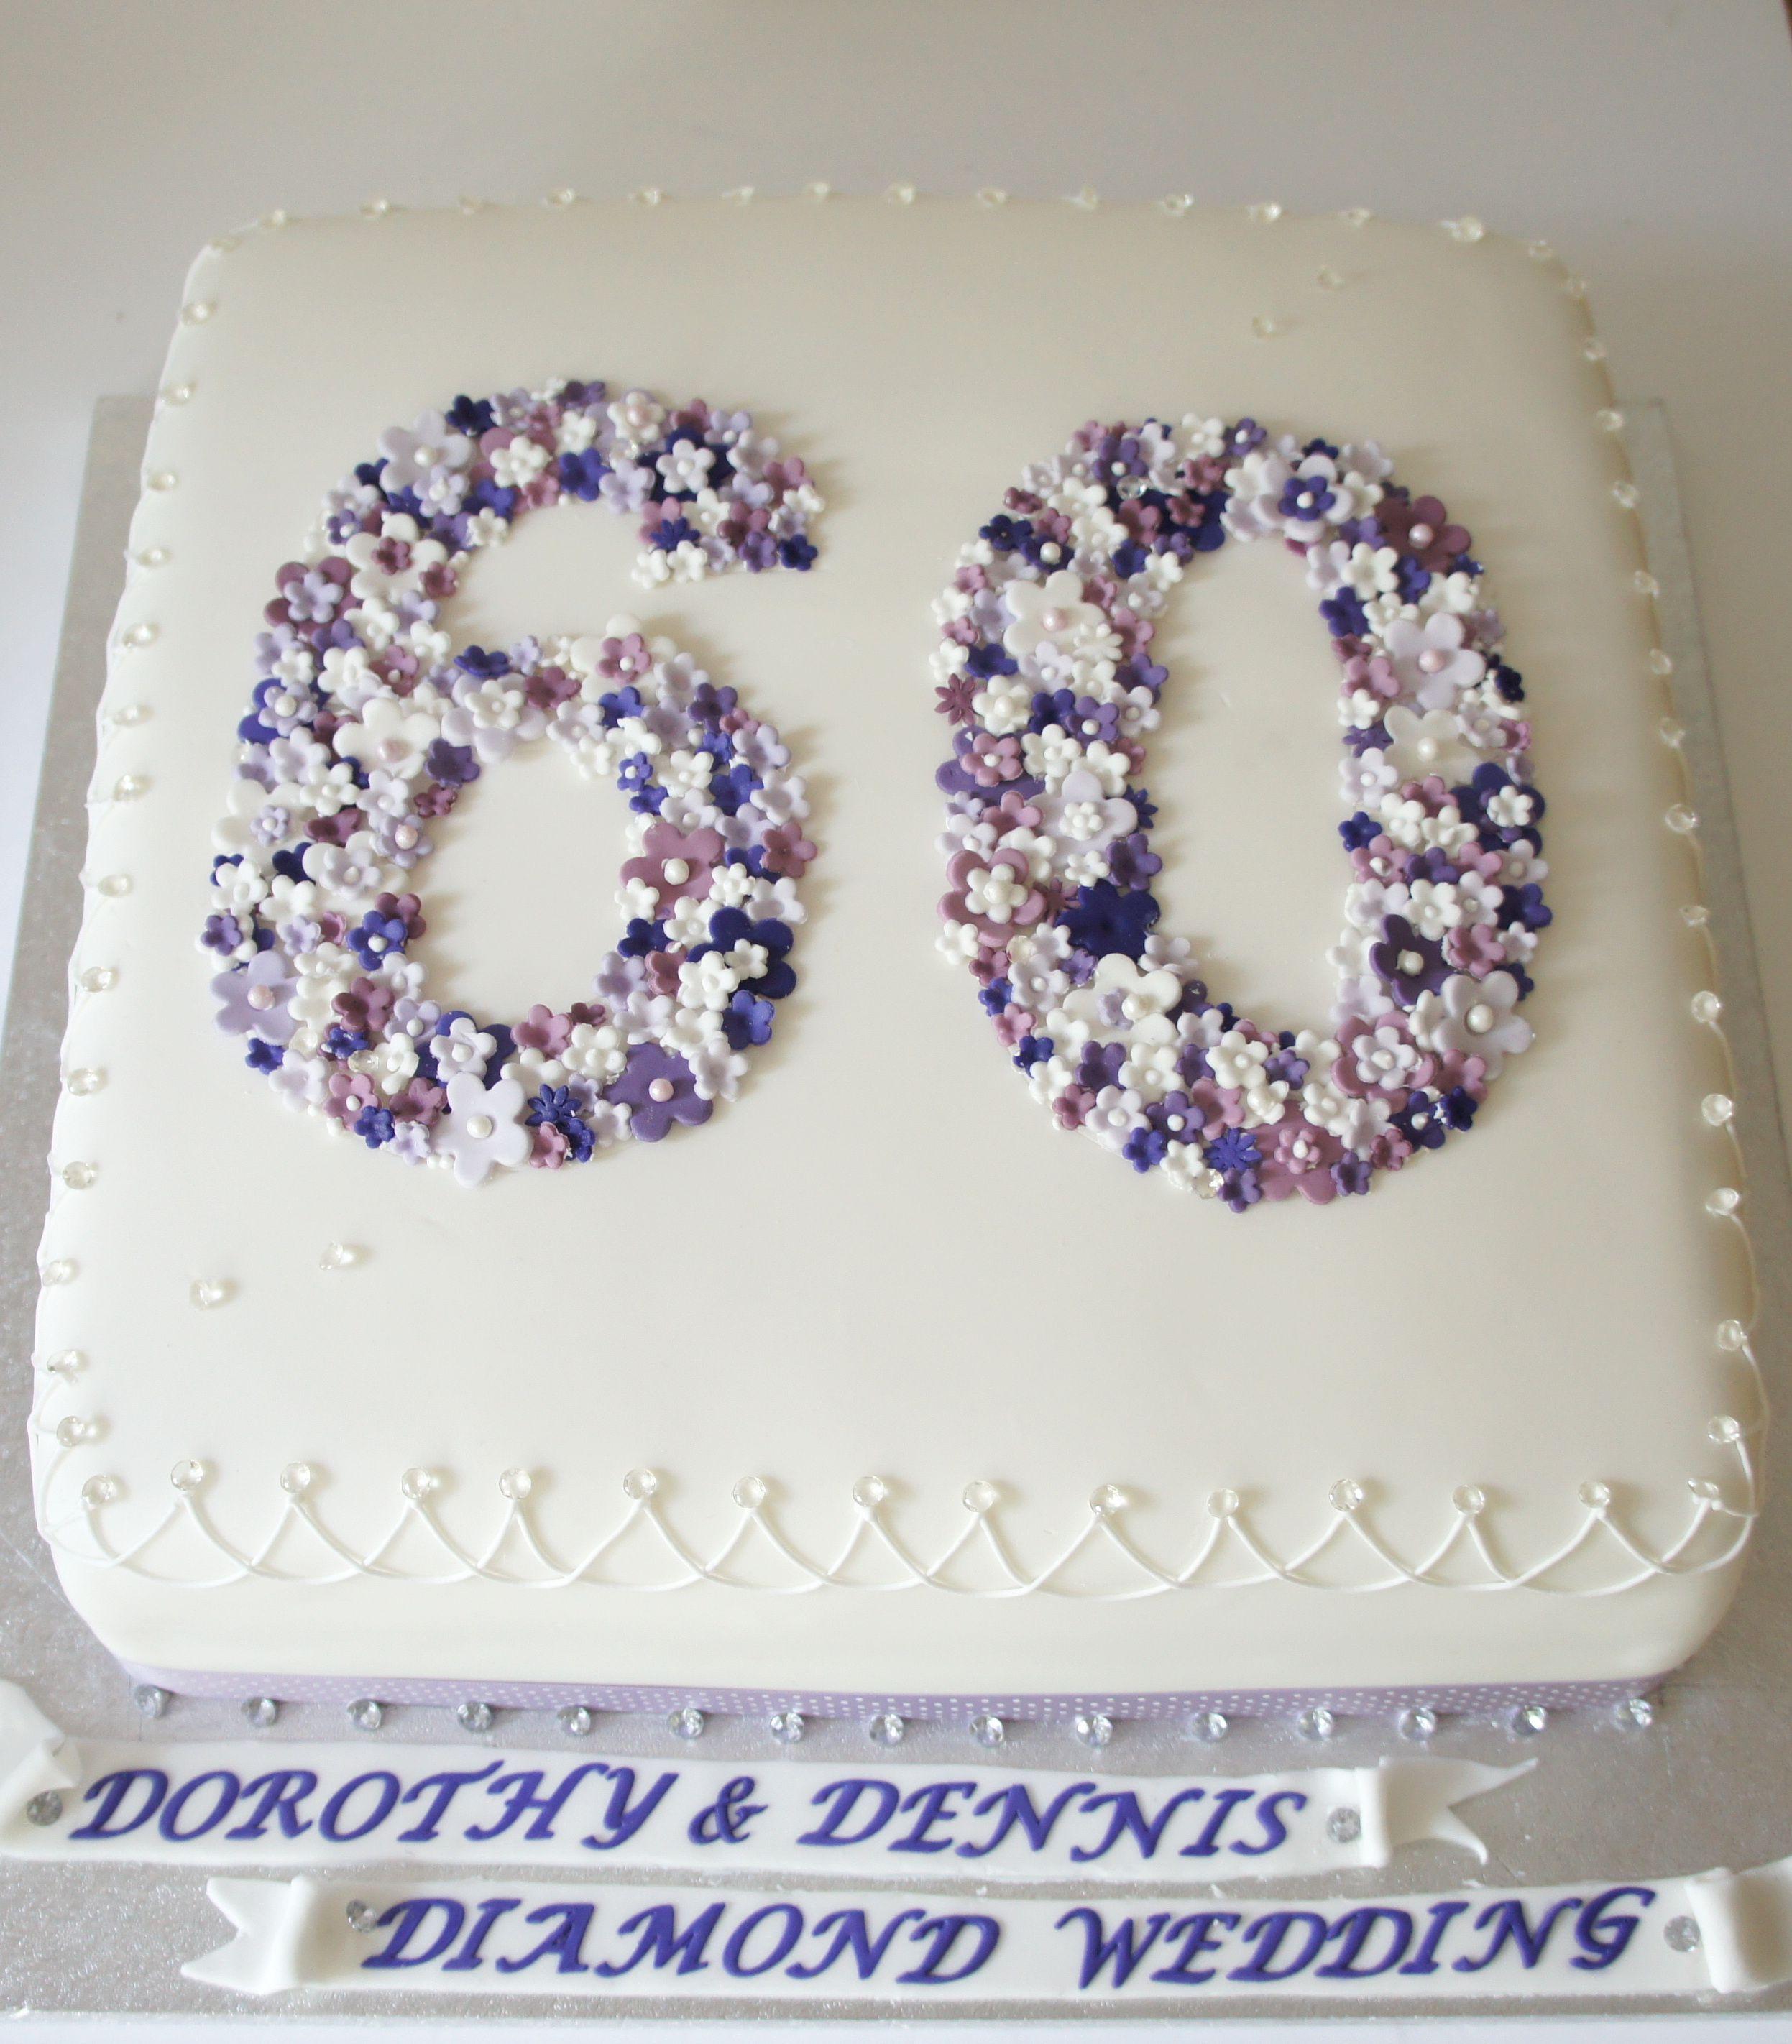 Diamond wedding anniversary Cake from www.byjojo.co.uk